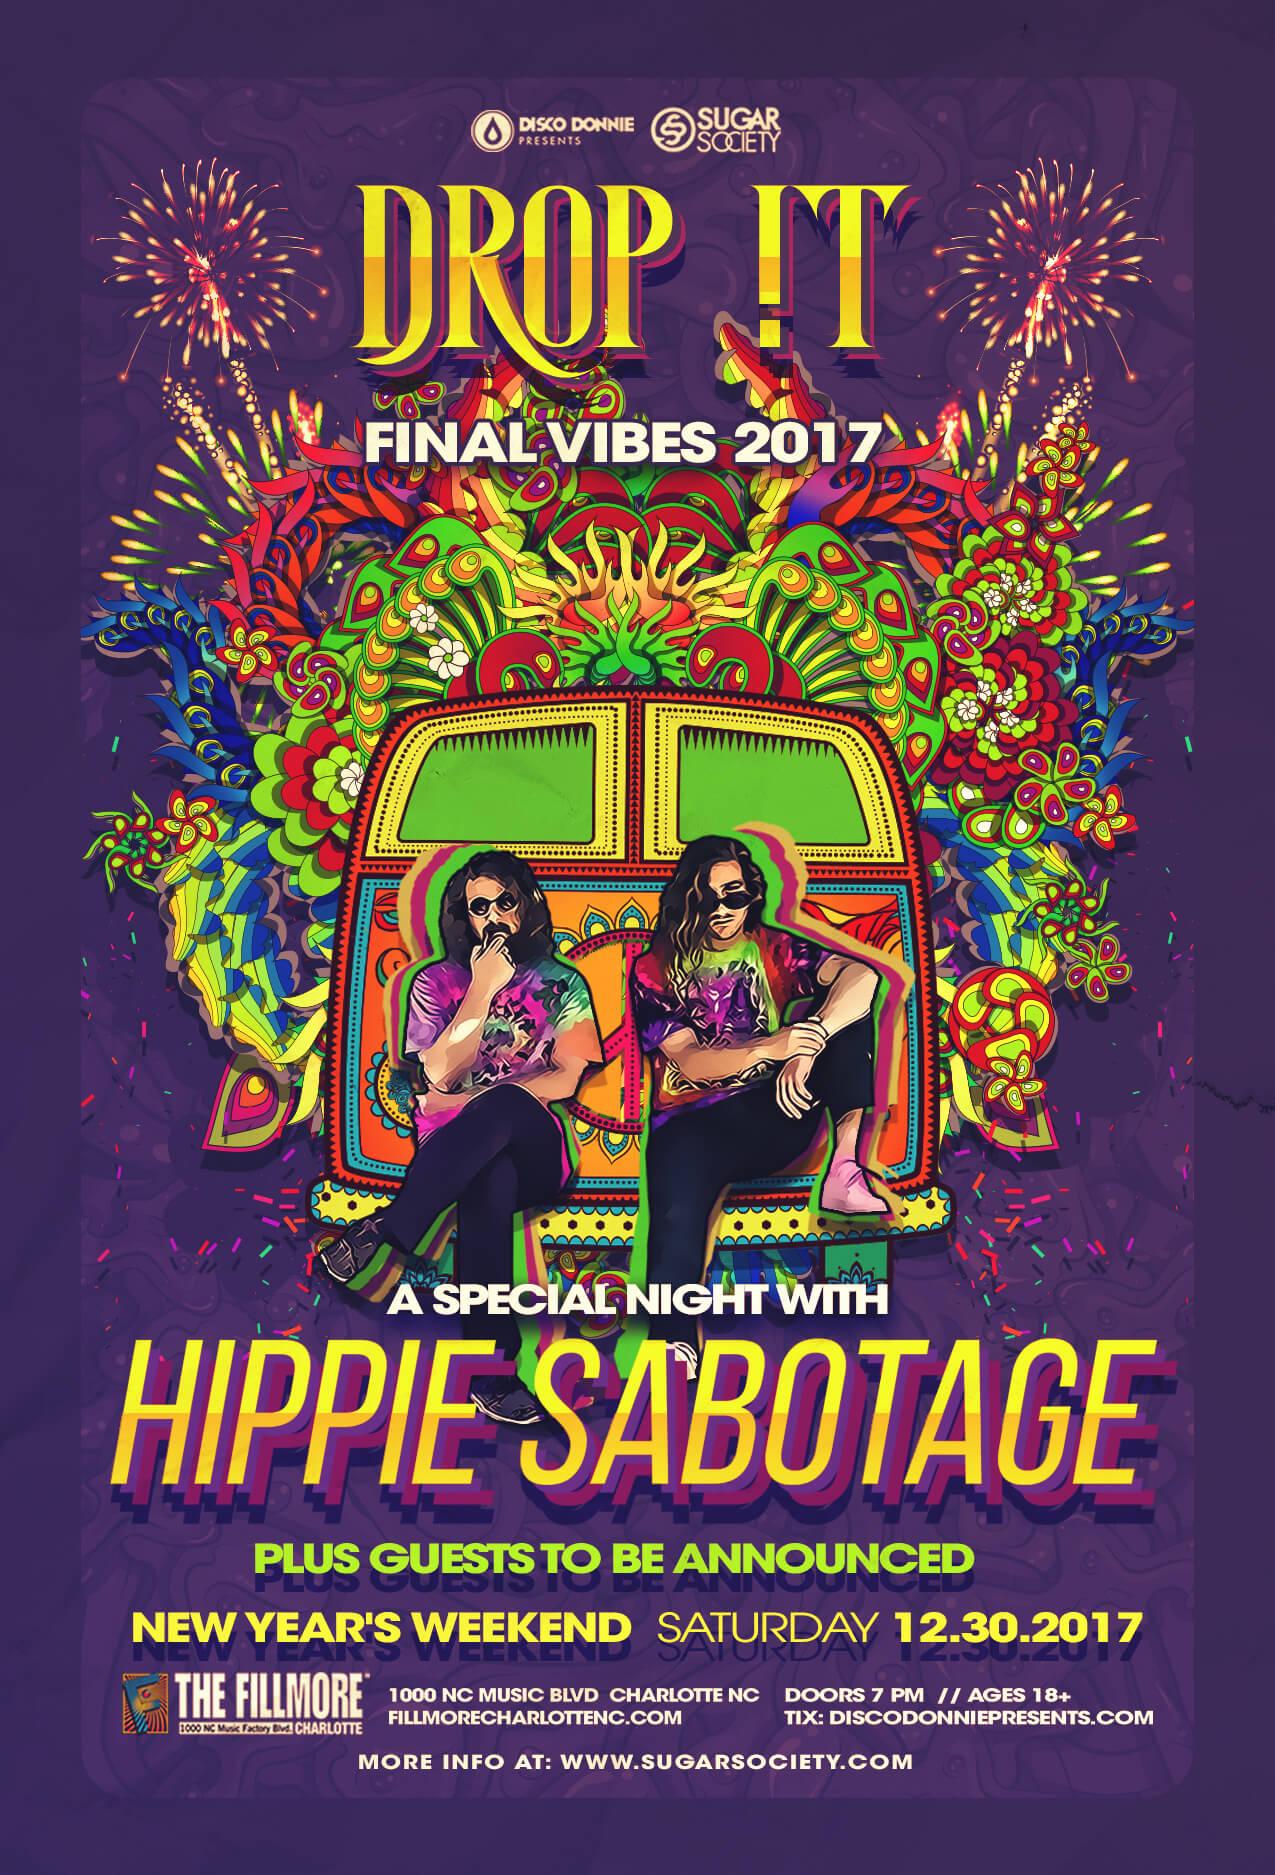 Hippie Sabotage in Charlotte